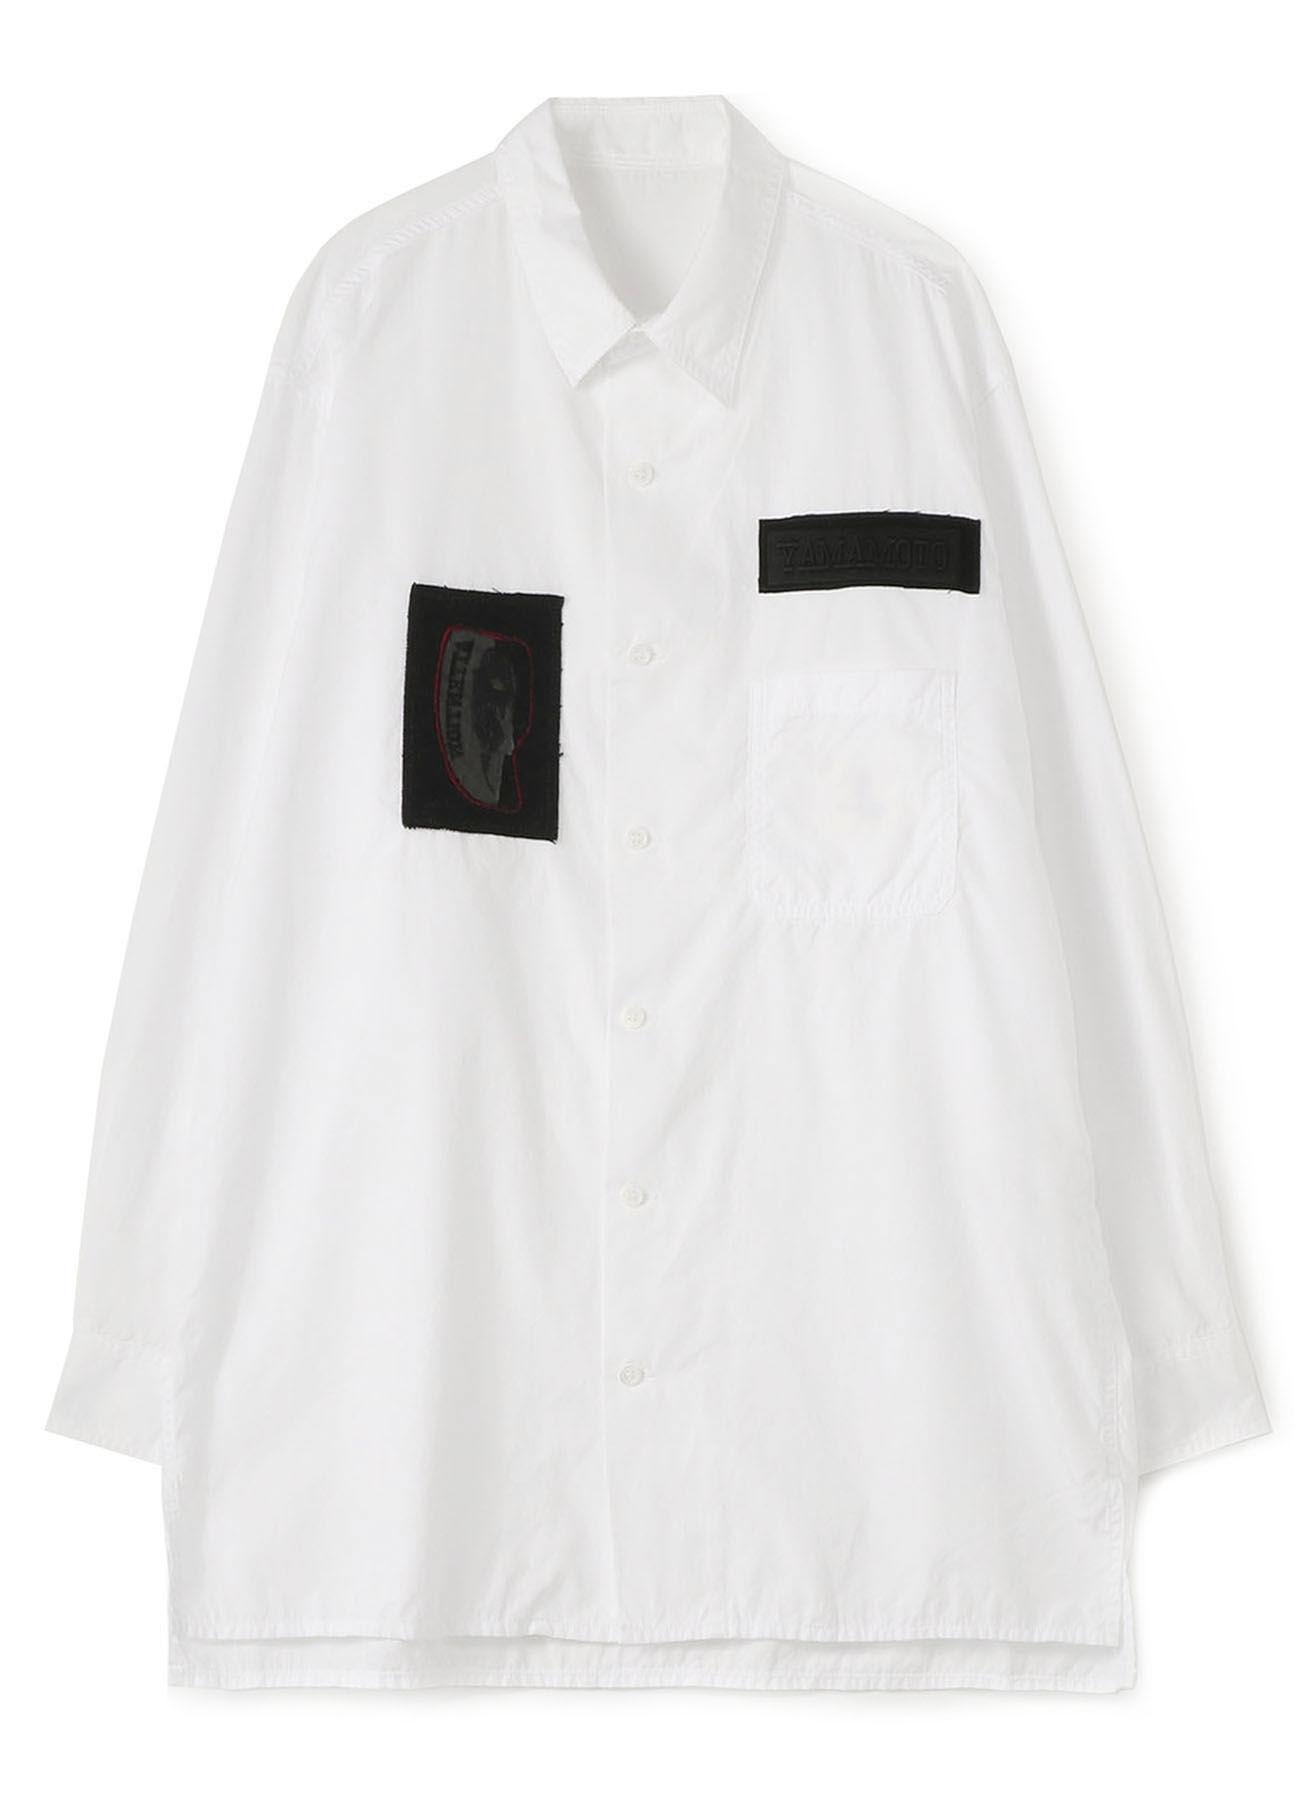 B Yohji Yamamoto One-of-a-kind Patch Shirt